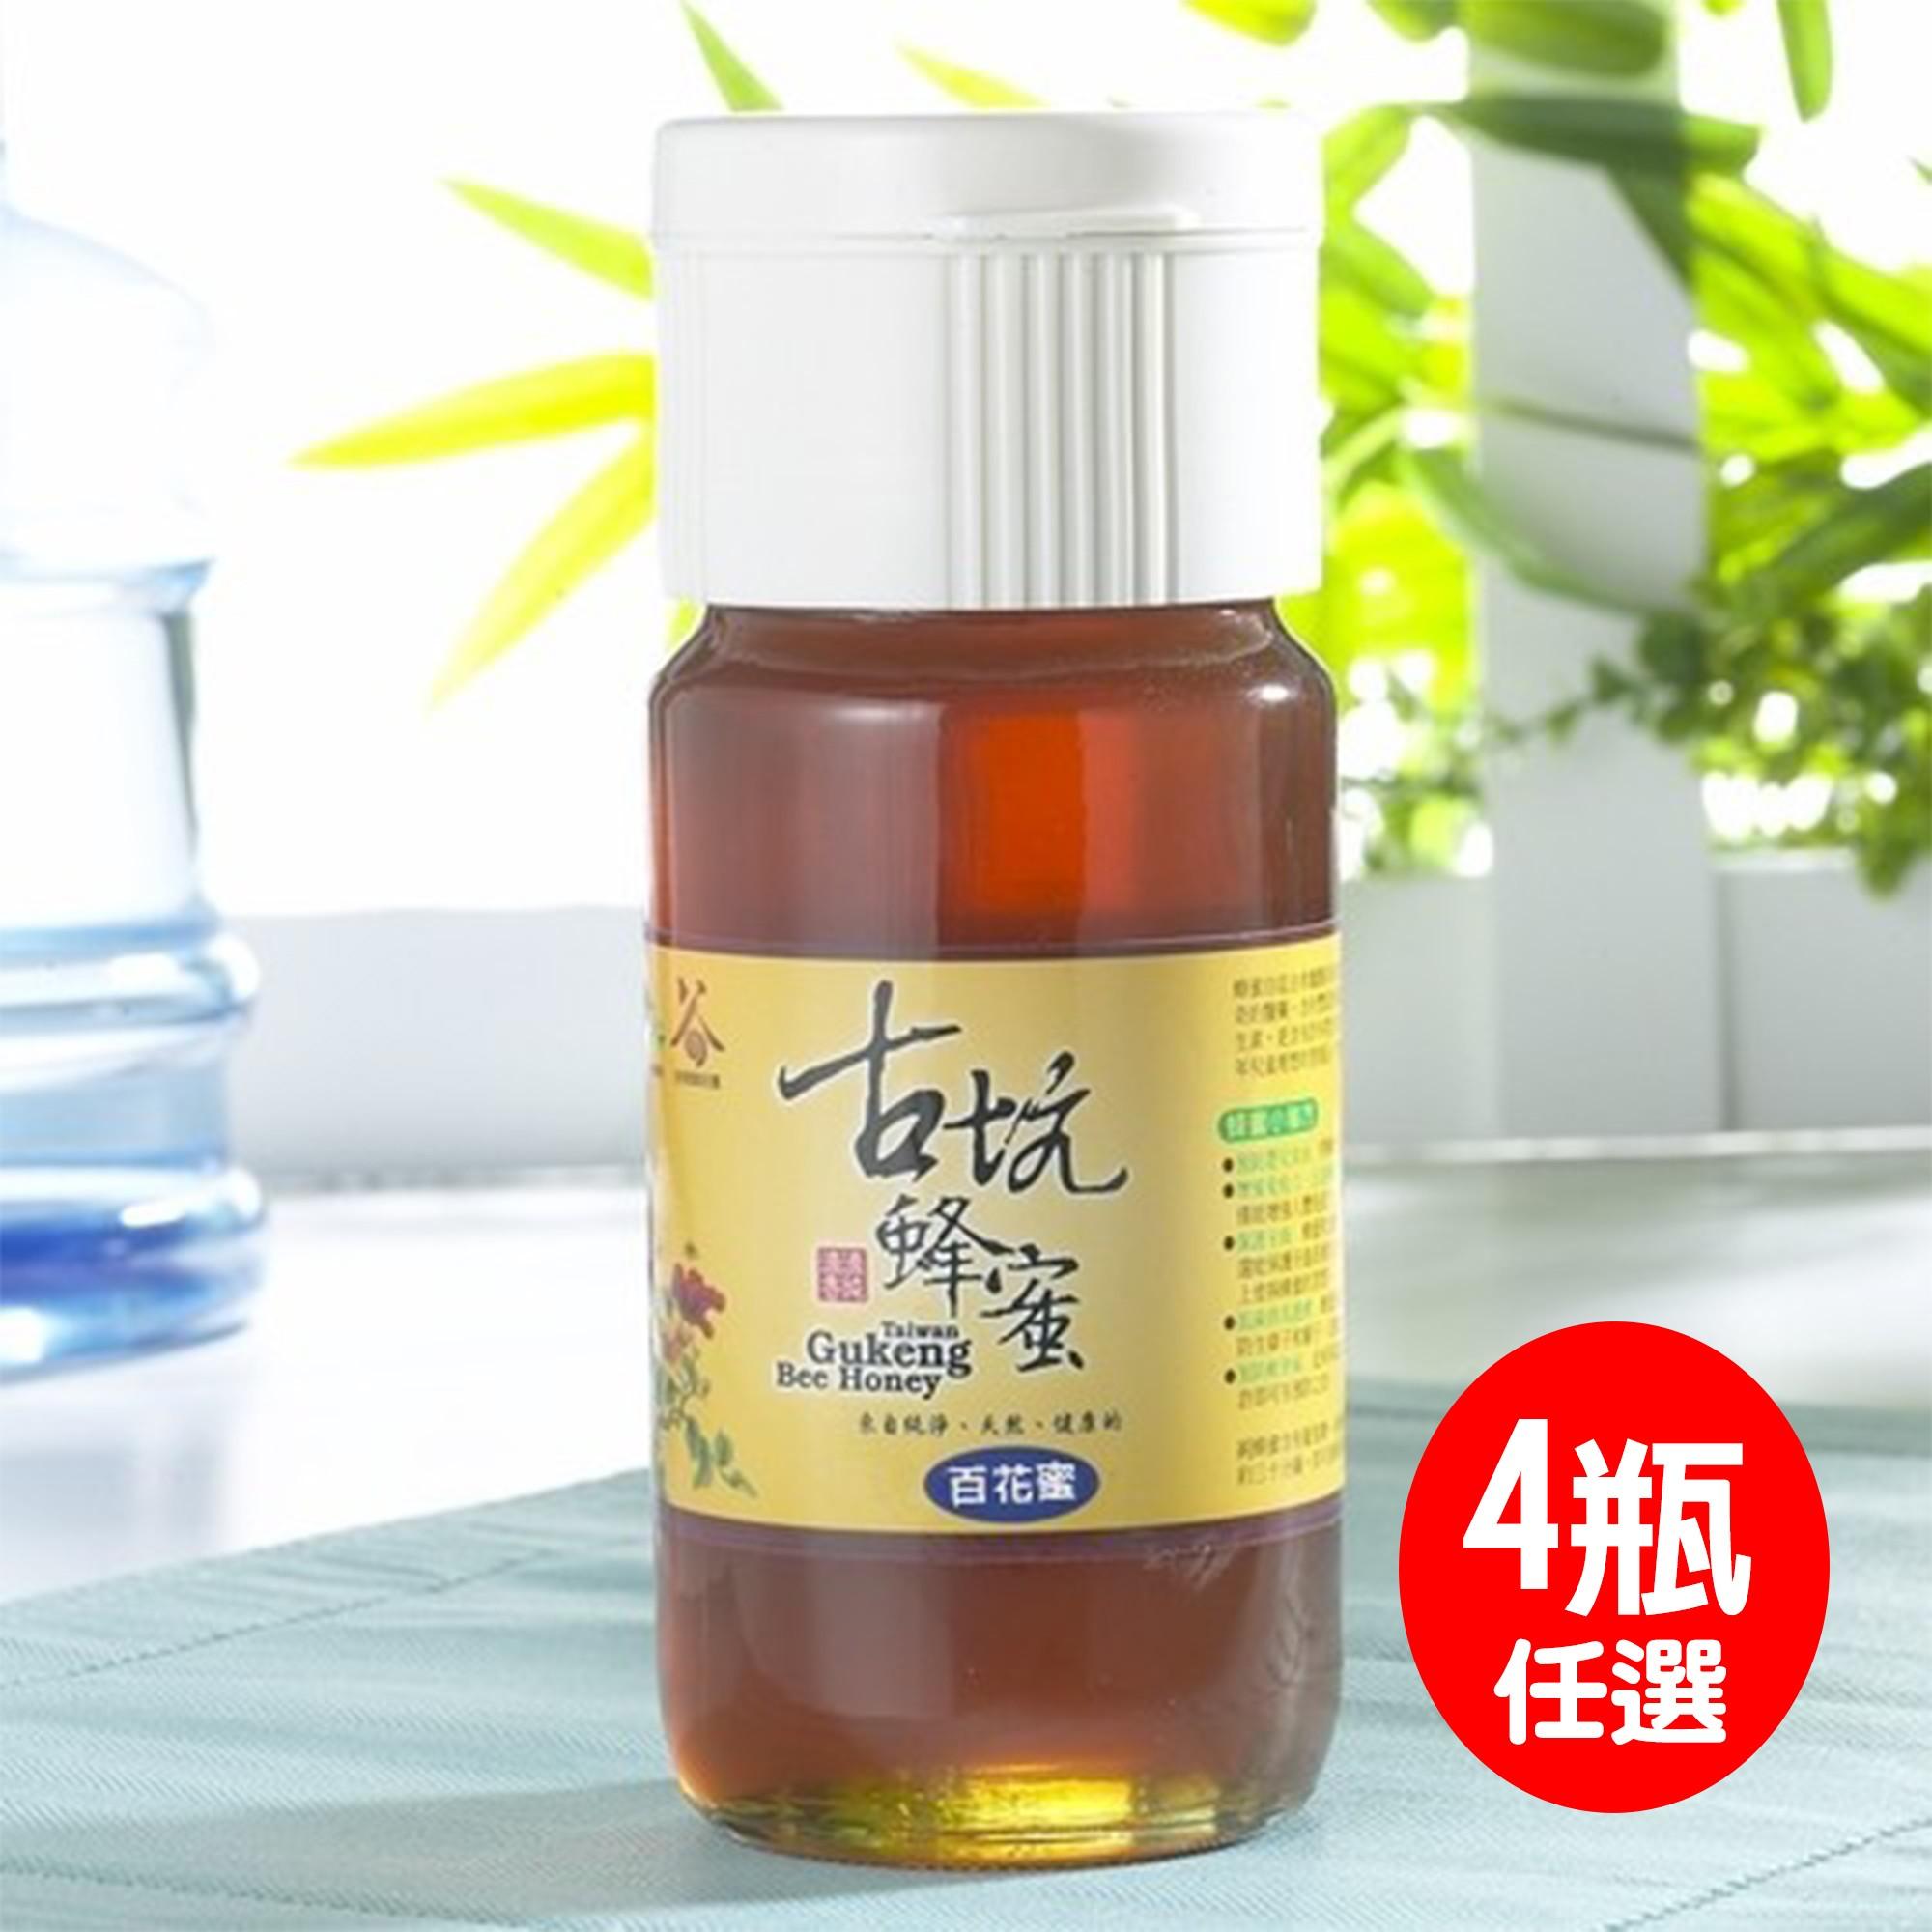 【雲林古坑】純天然蜂蜜700g (任選4瓶組)